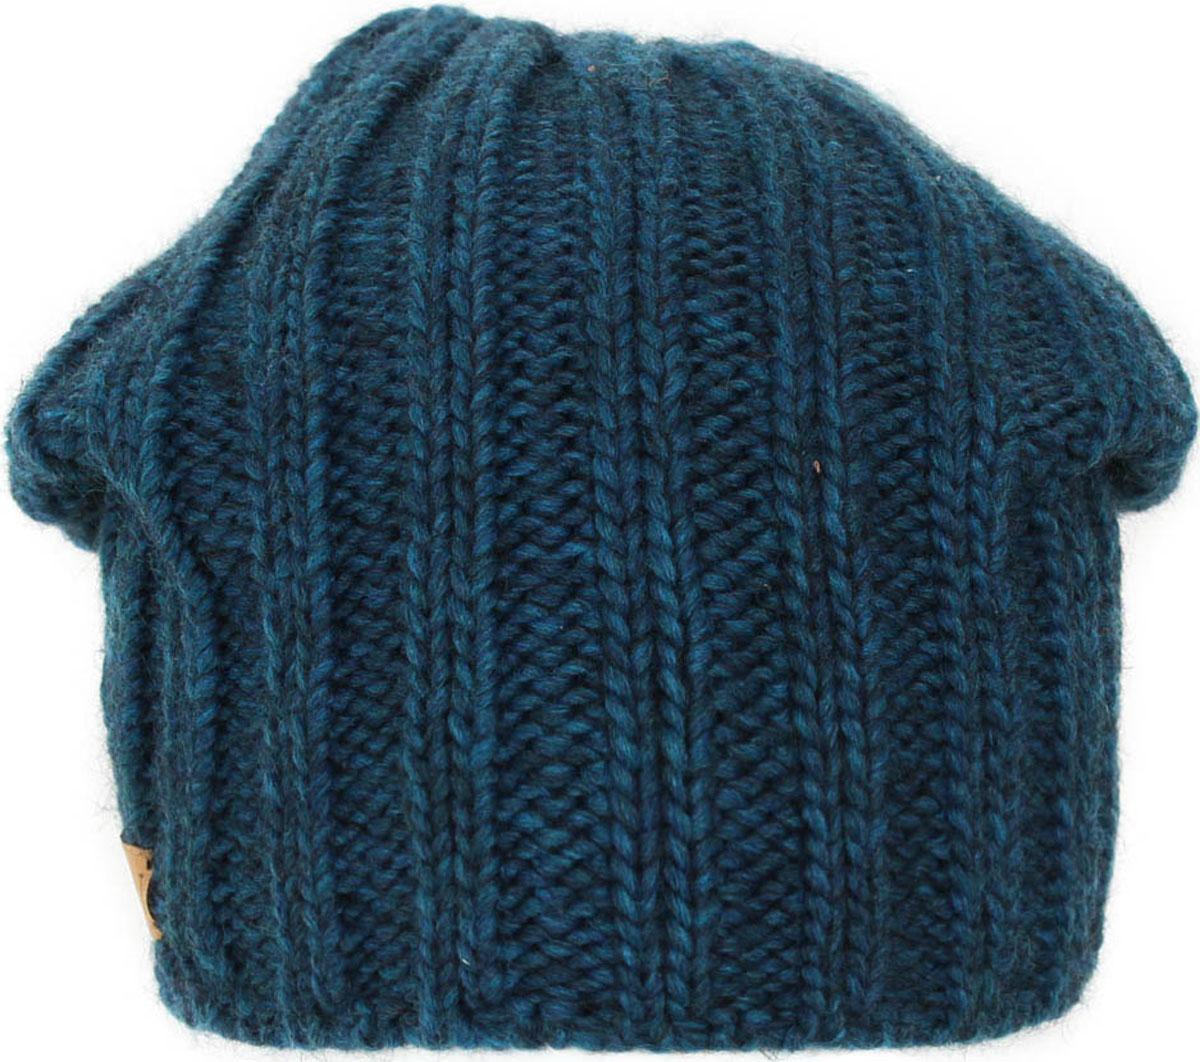 Шапка женская Flioraj, цвет: бирюзовый. 06FJ. Размер 56/5806FJСтильная шерстяная шапка-колпачок от Flioraj, выполненная из шерсти с добавлением вискозы и полиакрила, отлично согреет в холодную погоду. Состав пряжи делает изделие мягким, теплым и комфортным. Модель выполнена актуальной резинкой, сбоку дополнена нашивкой из натуральной кожи.